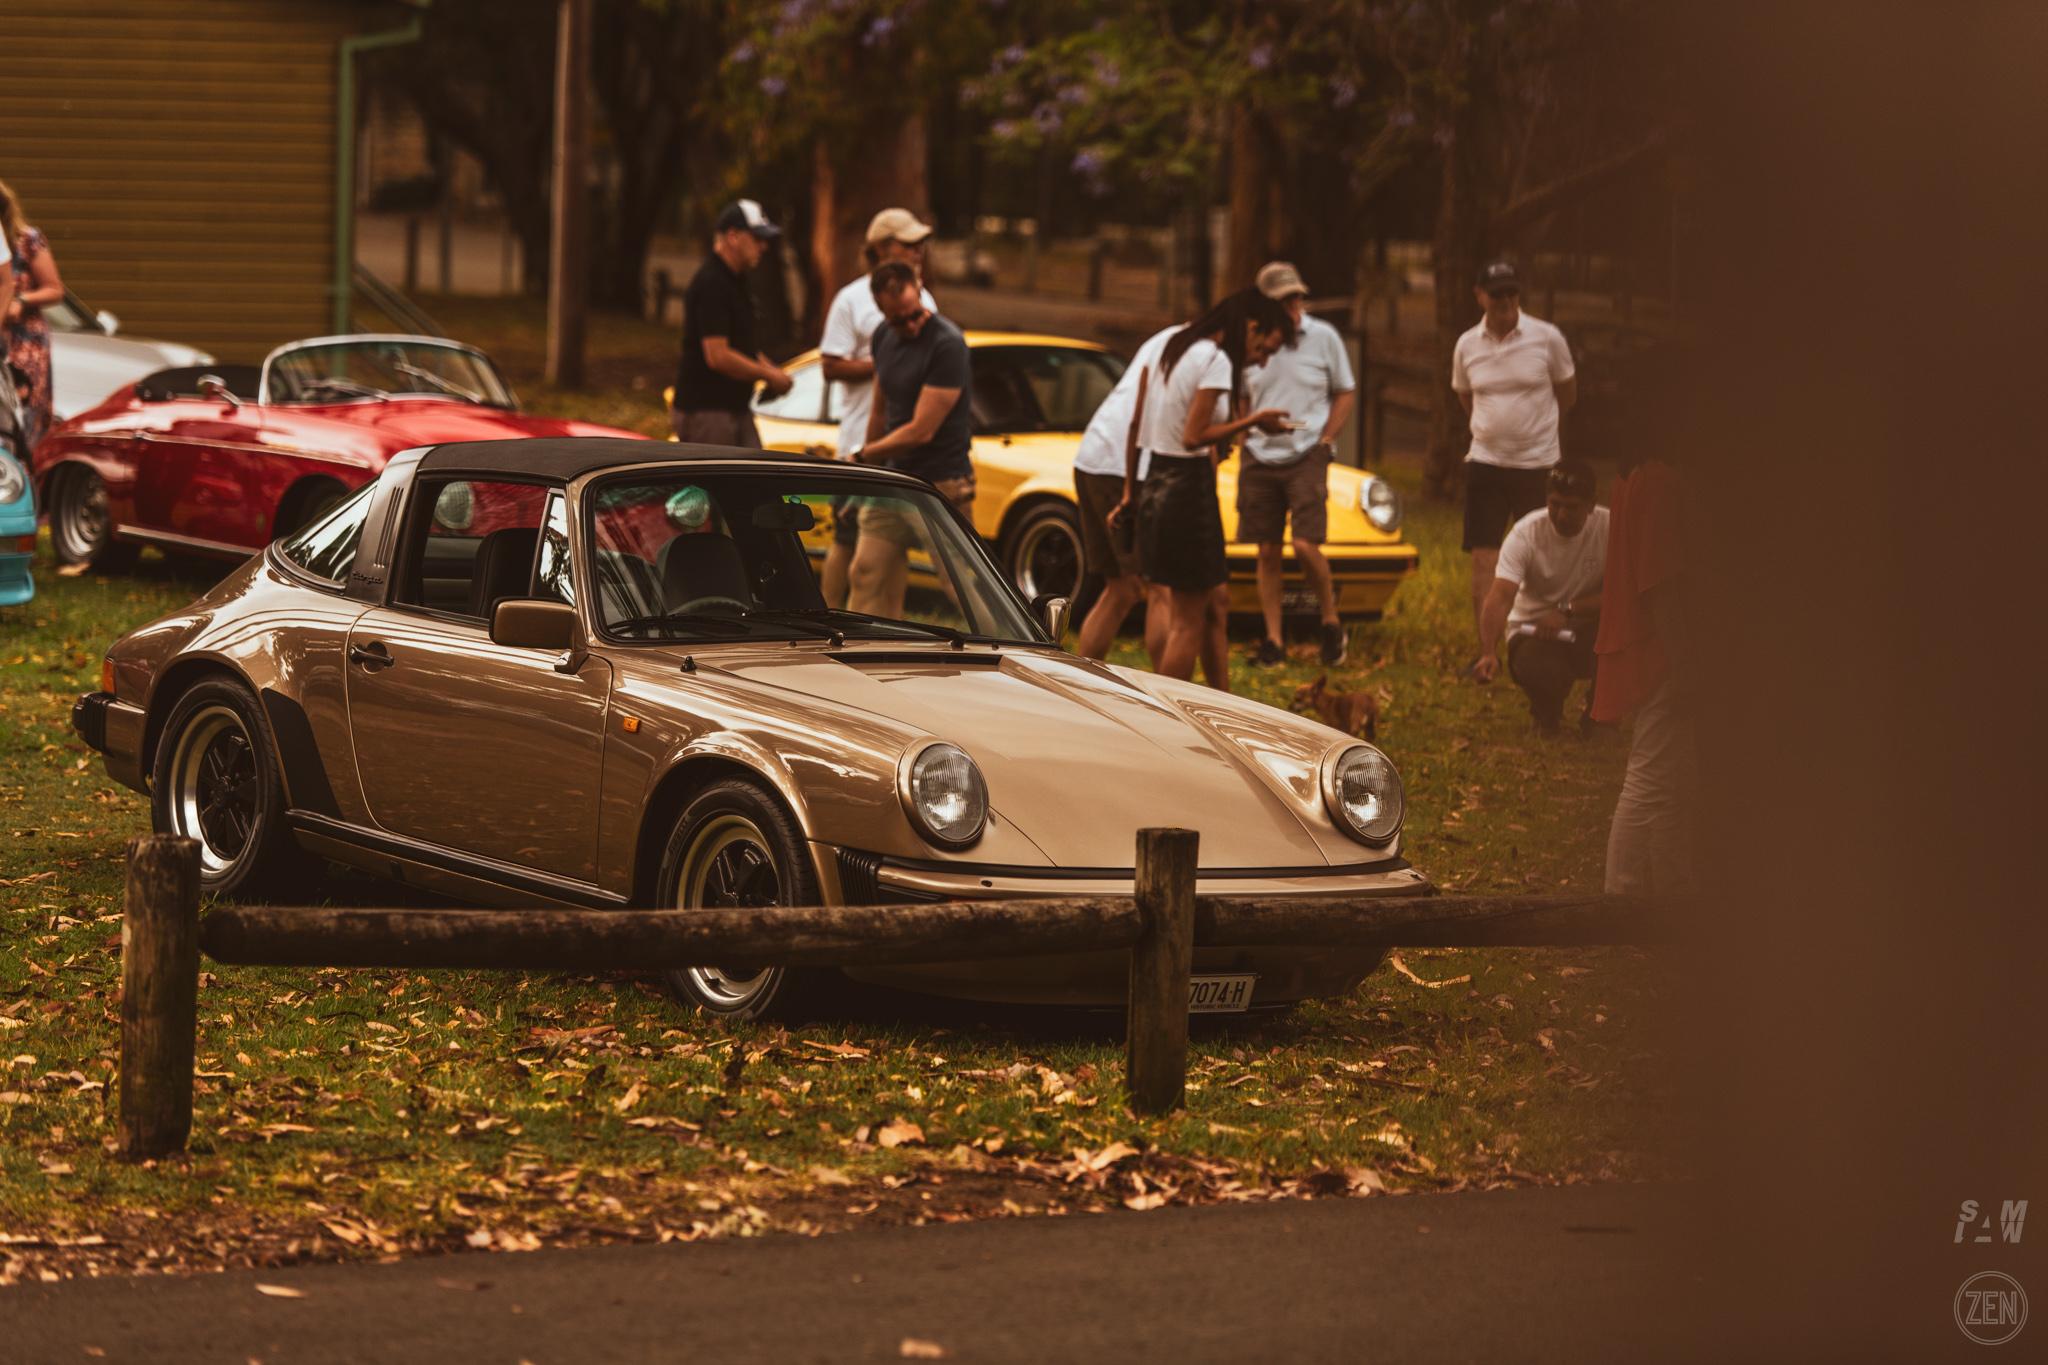 2019-12-08 - Porsches & Coffee 124